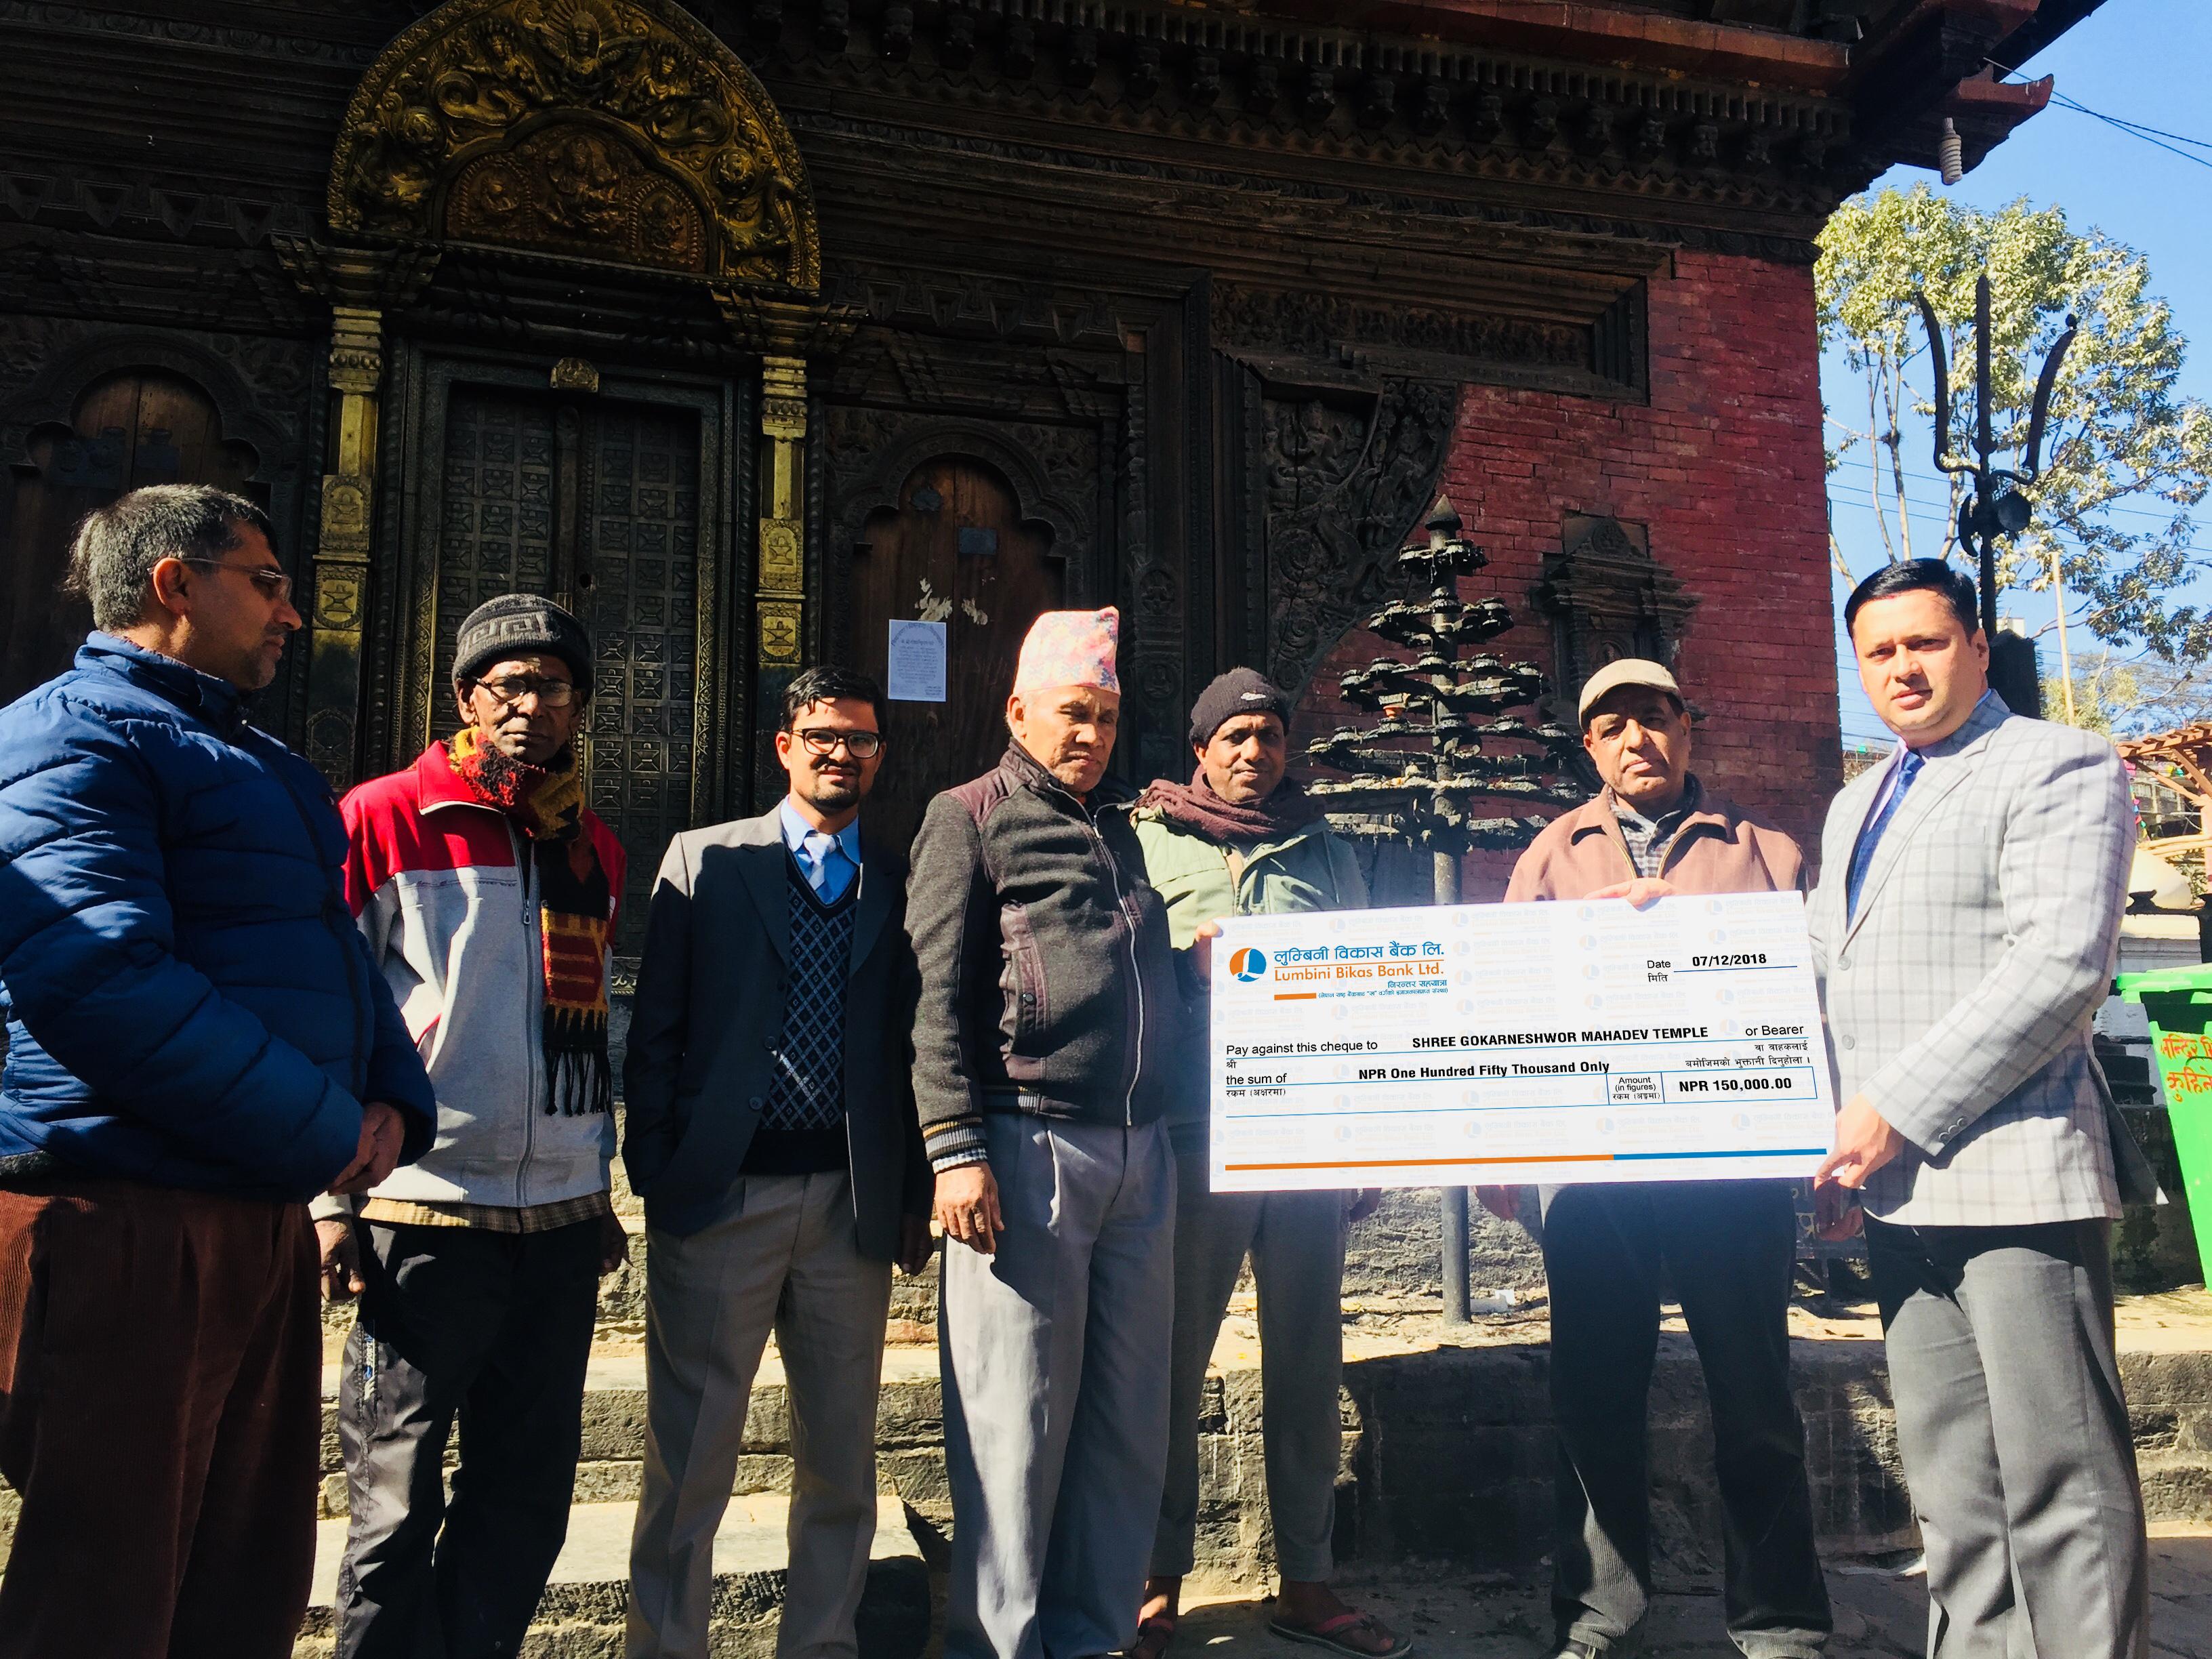 लुम्बिनी विकास बैंकद्वारा गोकर्णेश्वर मन्दिरलाई आर्थिक सहयोग